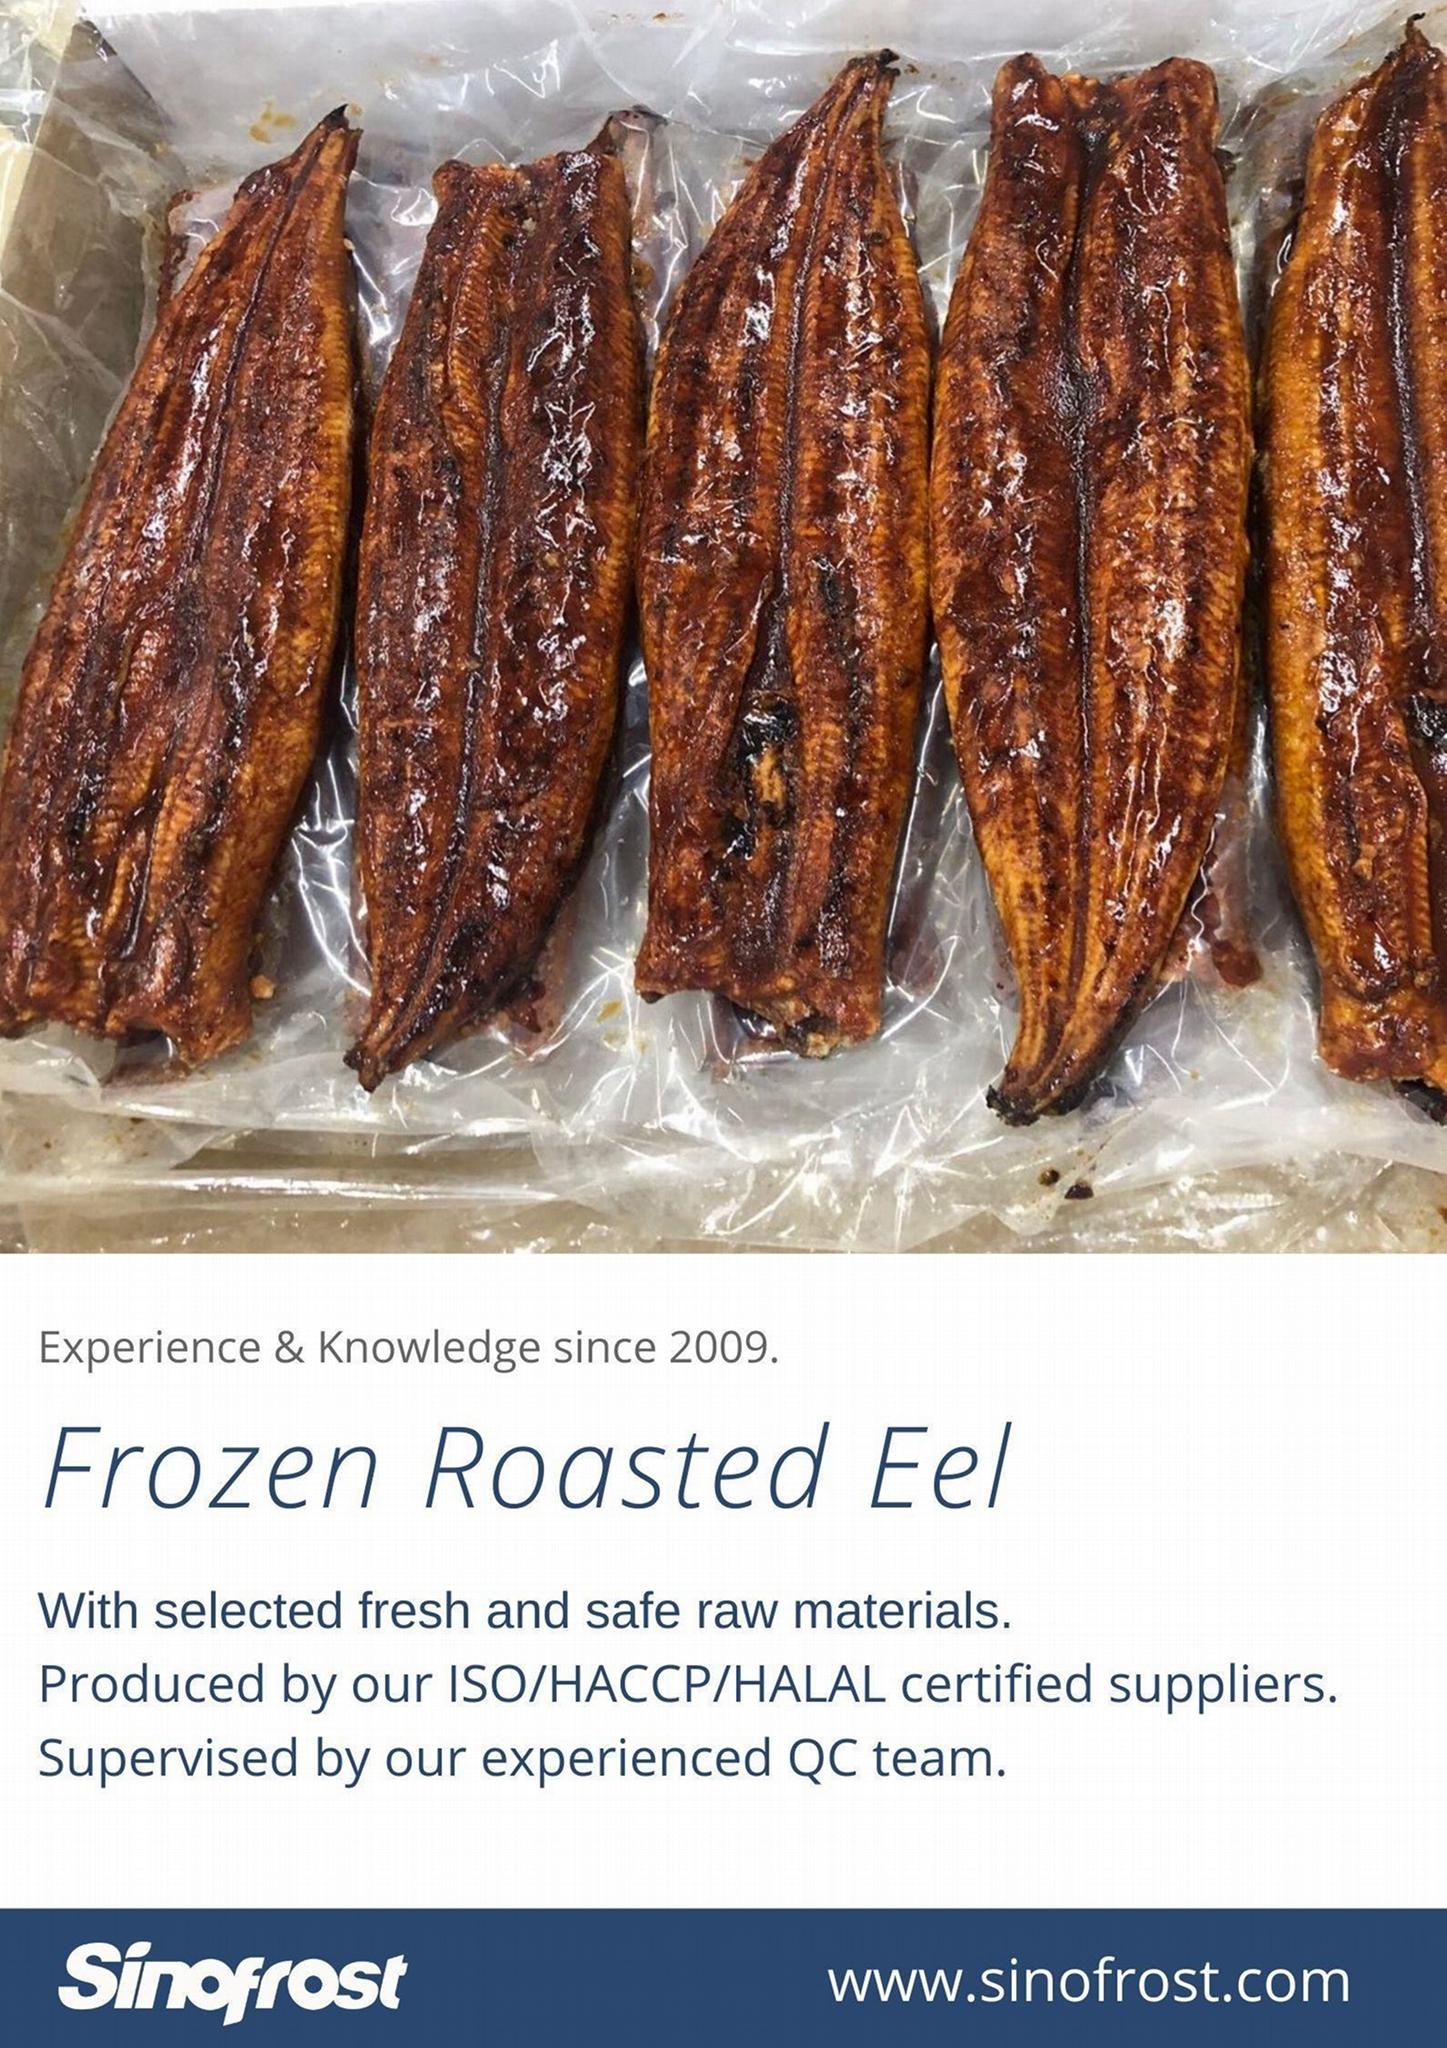 IVP Packed, Frozen Roasted Eel,Frozen Grilled Eel,Unagi Kabayaki in vacuum bag 12